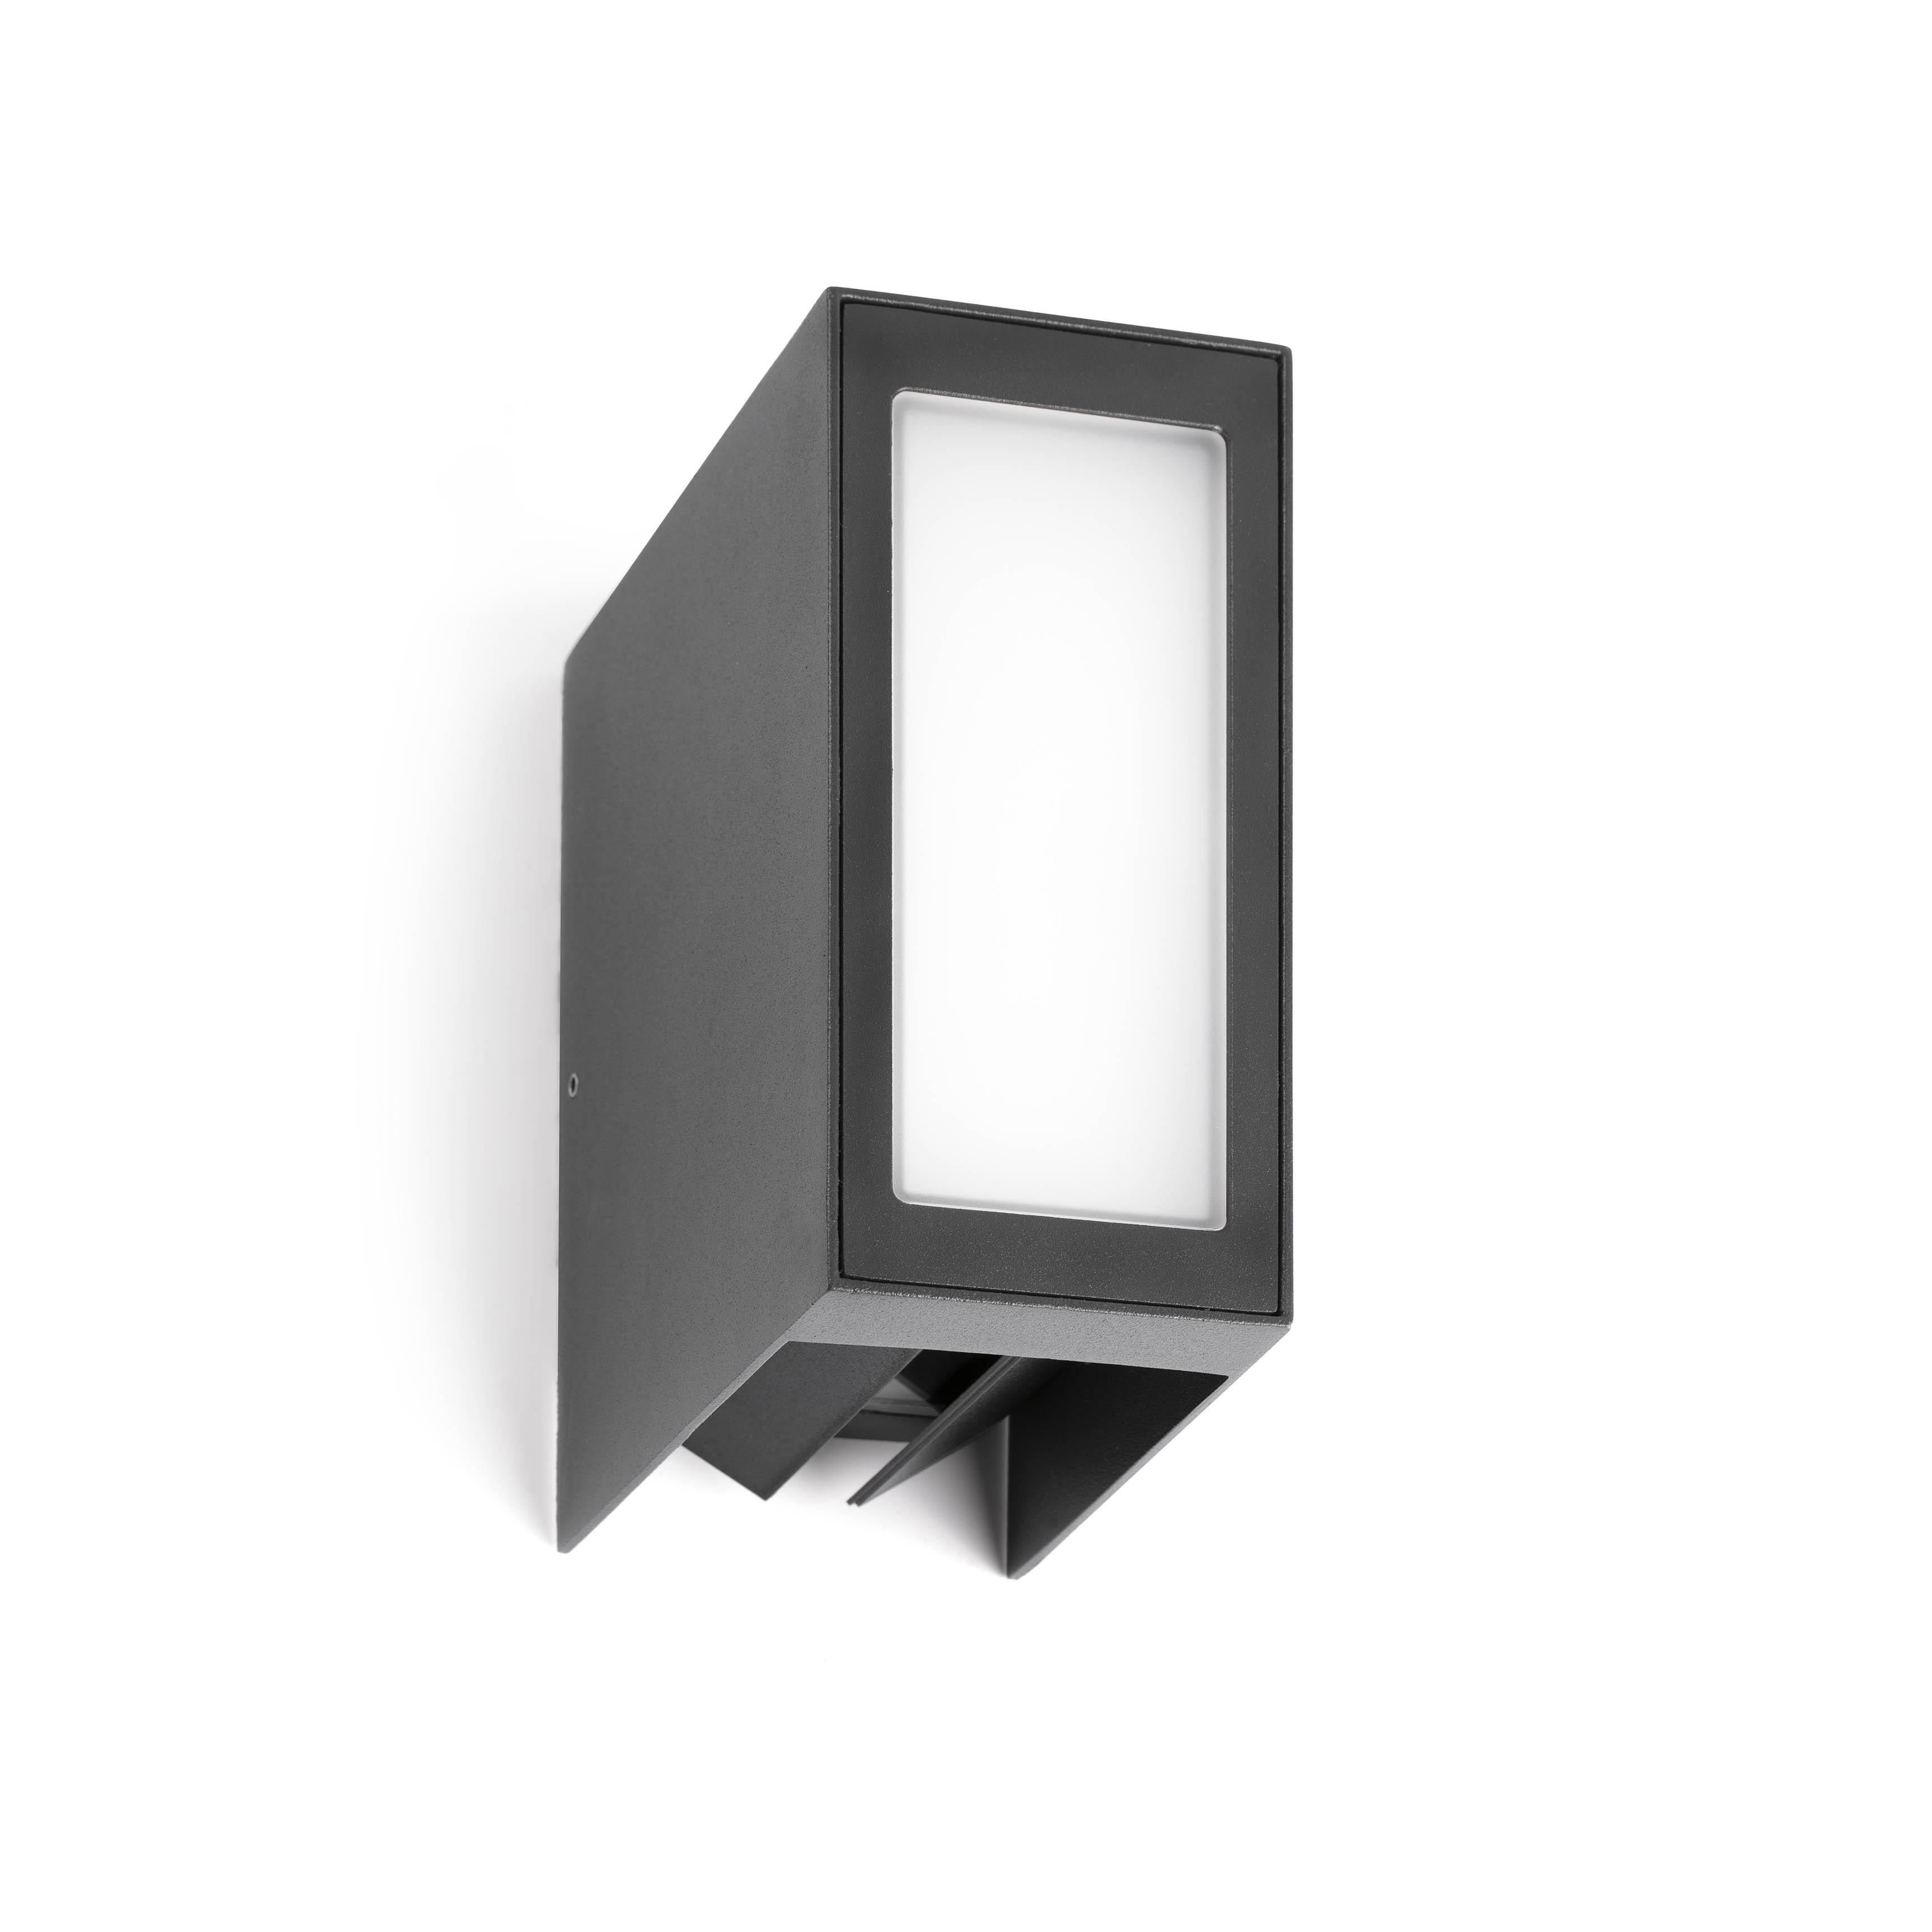 Applique LOG LED 9 Watt